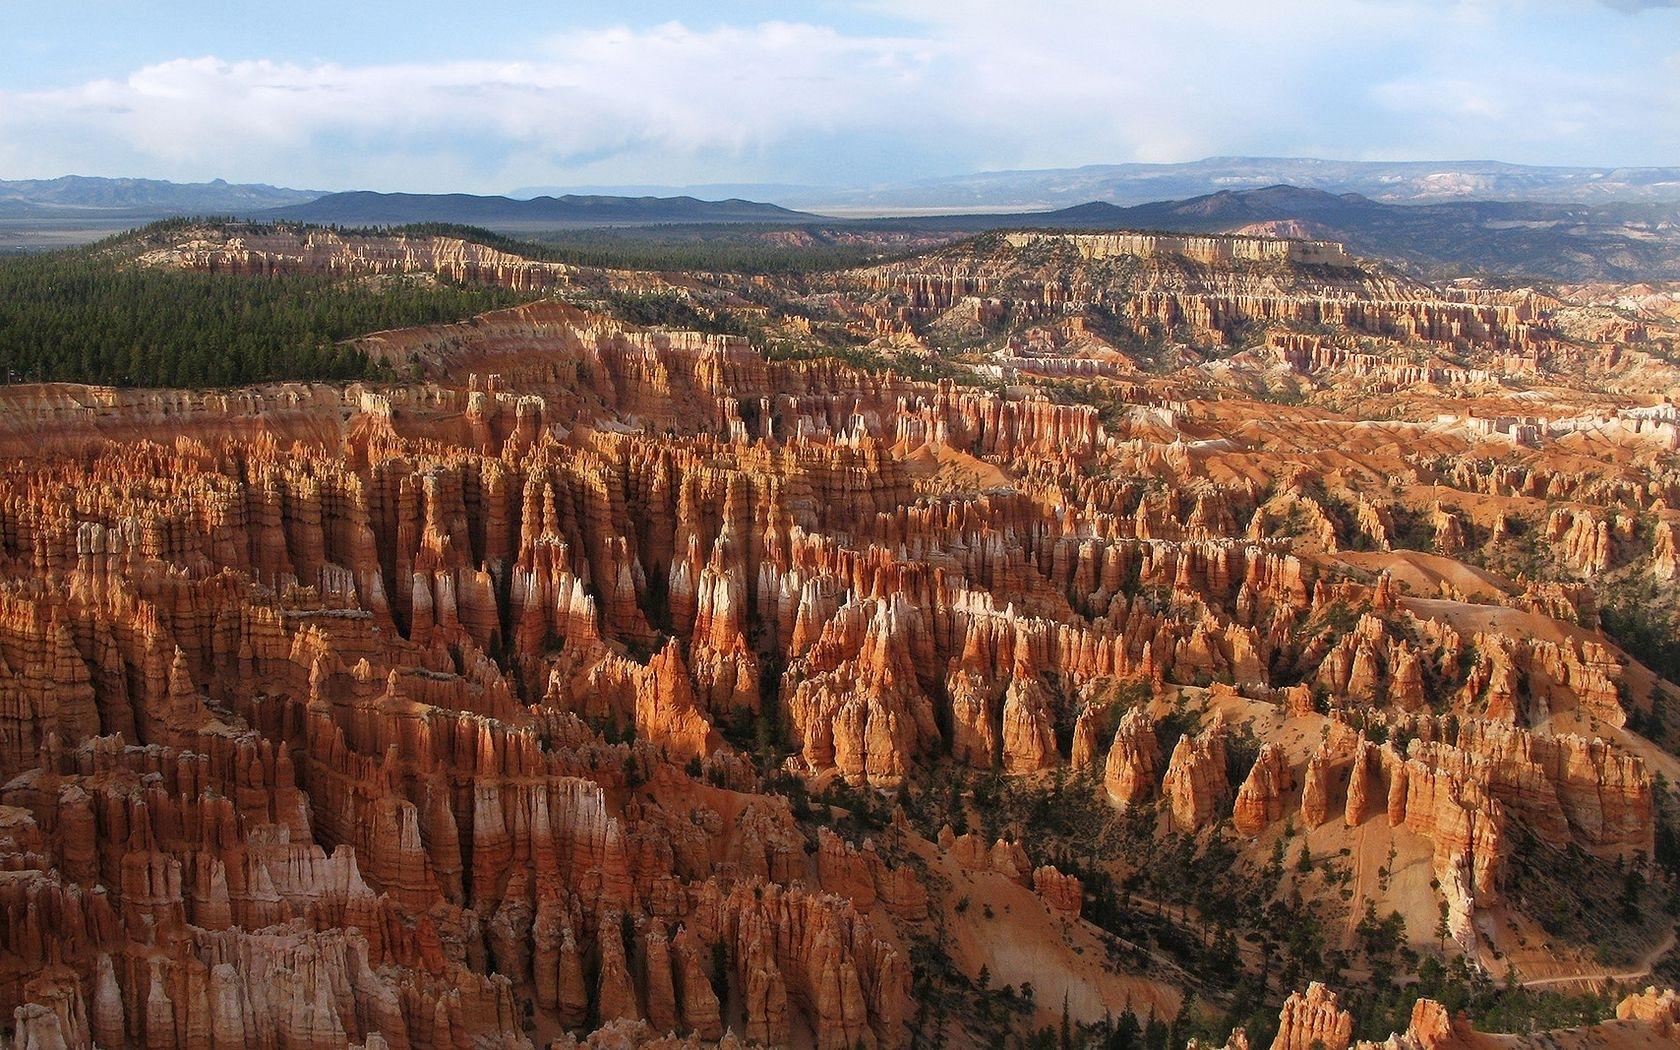 Скачать картинку Пейзаж, Горы в телефон бесплатно.